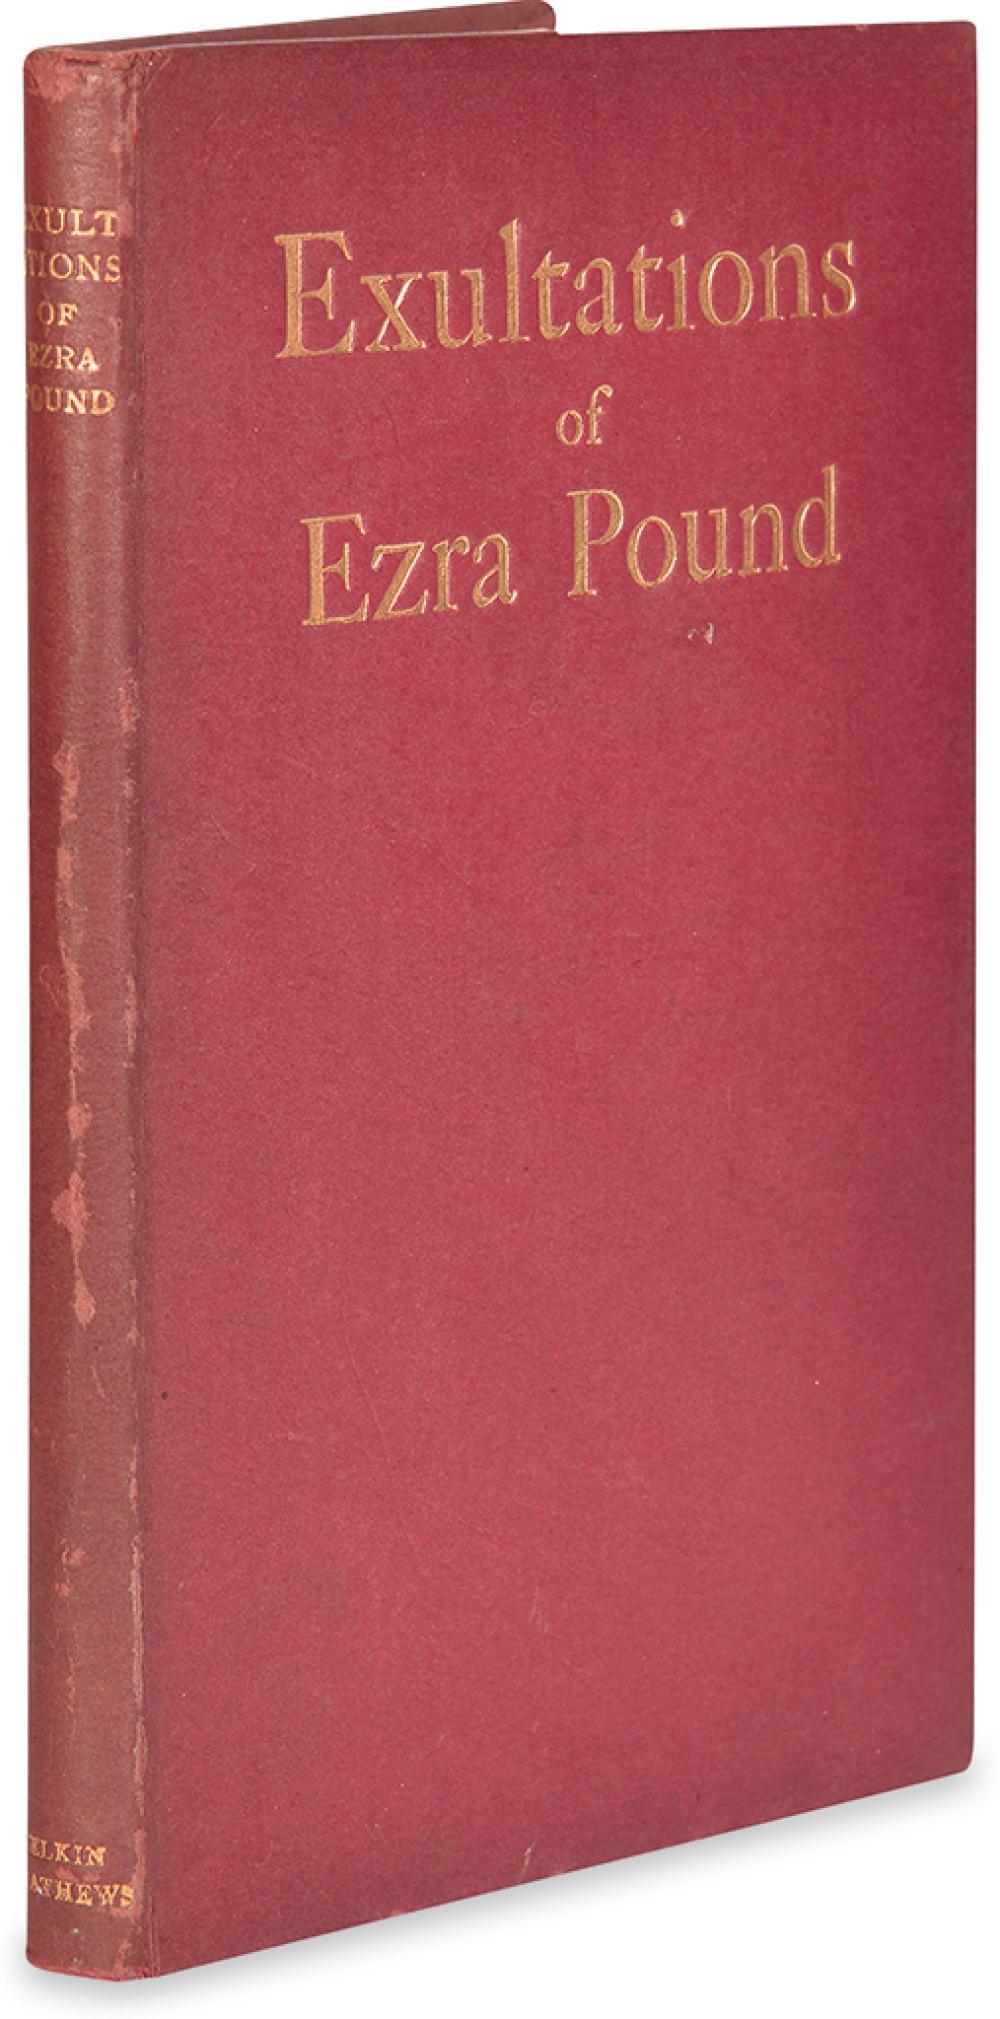 POUND, EZRA. Exultations.